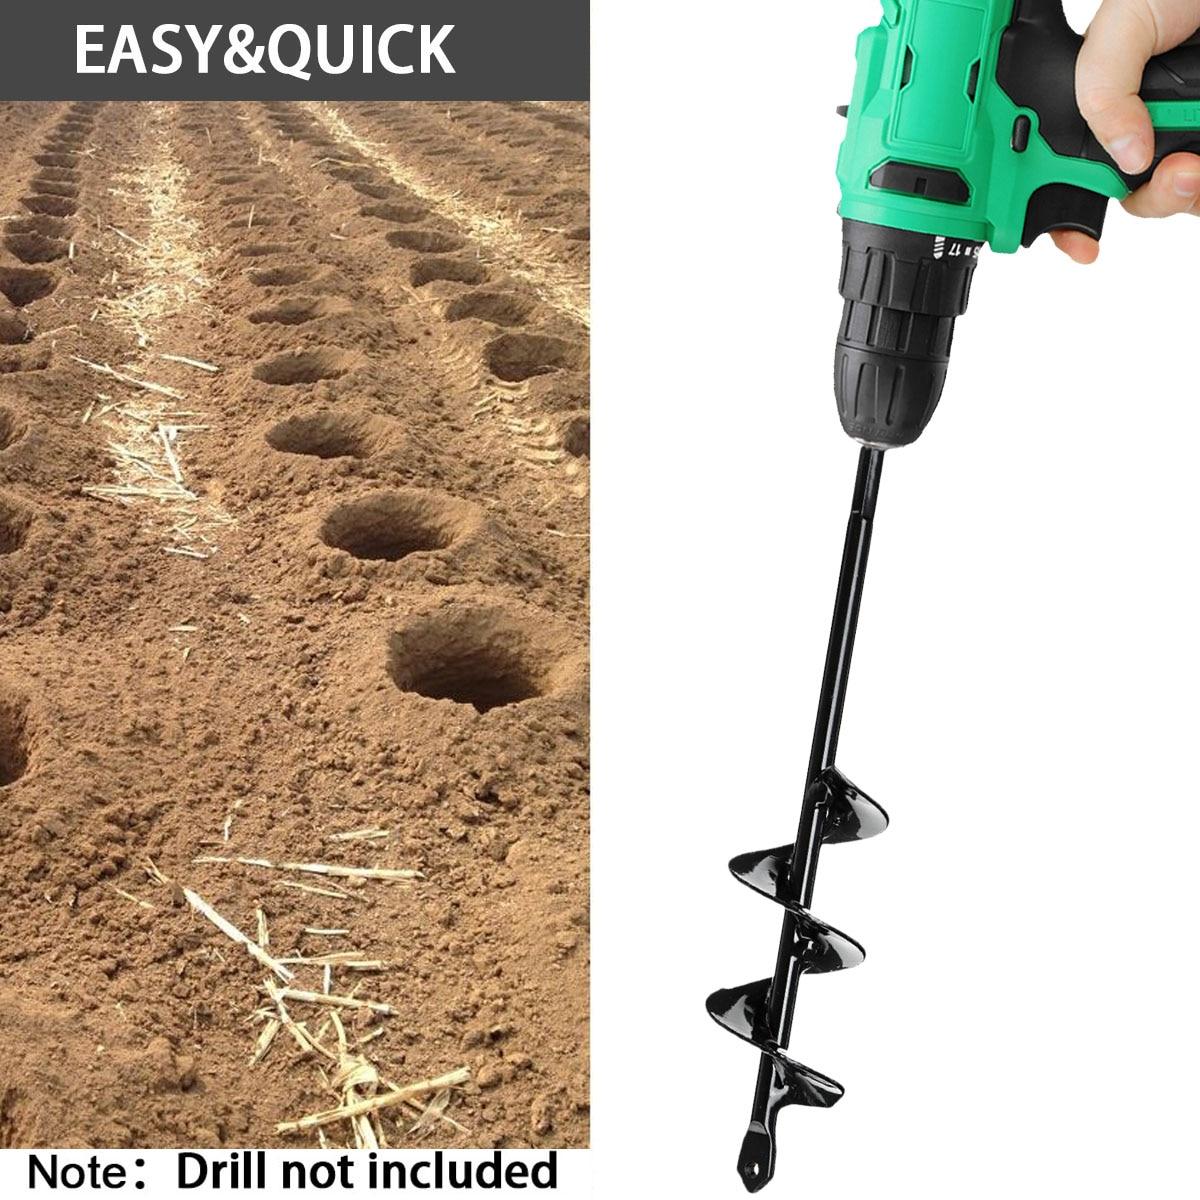 Garden Auger Drill Bit Spiral Hole Digger Tool 50mm Flower Planter Bulb HEX Shaft Drill Yard Garden Hole Digger Tool 22/45cm